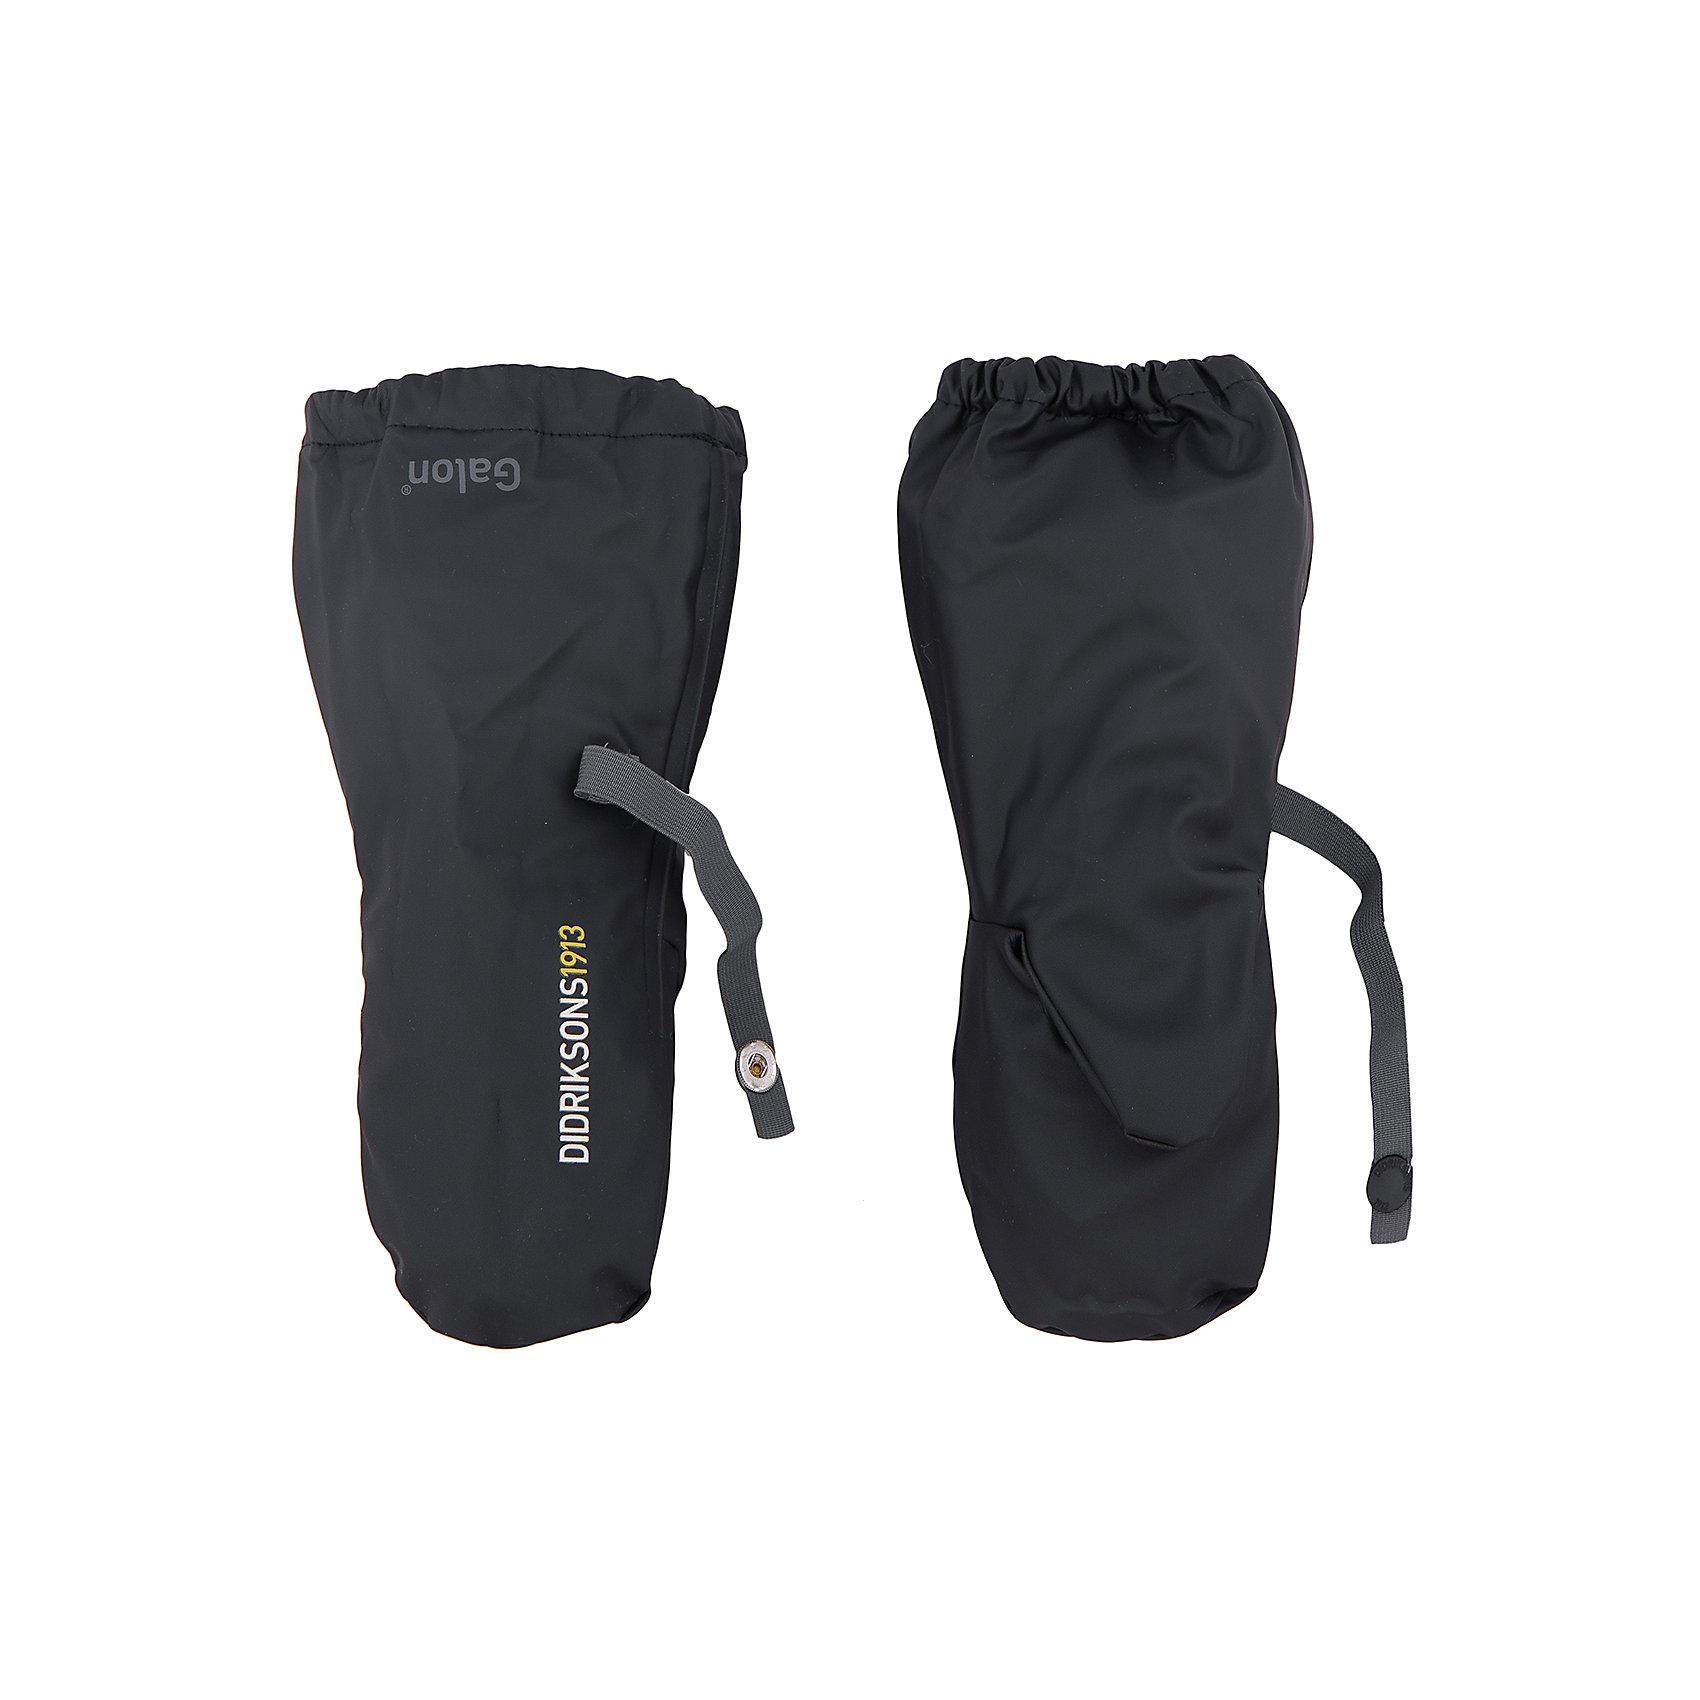 Варежки дождевые Glove DIDRIKSONSПерчатки, варежки<br>Характеристики товара:<br><br>• цвет: черный<br>• материал: 100% полиамид<br>• сезон: демисезон. зима<br>• температурный режим от -5 до +5<br>• швы пропаяны<br>• подкладка из трикотажа<br>• регуляторы объема<br>• шнур для пристегивания<br>• страна бренда: Швеция<br>• страна производства: Китай<br><br>Такие теплые варежки обязательно нужны ребенку, который собирается наслаждаться зимним отдыхом! Это не только стильно, но еще и очень комфортно, а также тепло. Эти качественные варежки обеспечат ребенку удобство при прогулках и активном отдыхе зимой. Такая модель от шведского производителя отлично смотрится с разной верхней одеждой.<br>Варежки сшиты из ткани, которая не промокает и не продувается. Очень стильная и удобная модель! Изделие качественно выполнено, сделано из безопасных для детей материалов. <br><br>Варежки от бренда DIDRIKSONS можно купить в нашем интернет-магазине.<br><br>Ширина мм: 162<br>Глубина мм: 171<br>Высота мм: 55<br>Вес г: 119<br>Цвет: черный<br>Возраст от месяцев: 8<br>Возраст до месяцев: 24<br>Пол: Унисекс<br>Возраст: Детский<br>Размер: 0,4,2,6<br>SKU: 5043812